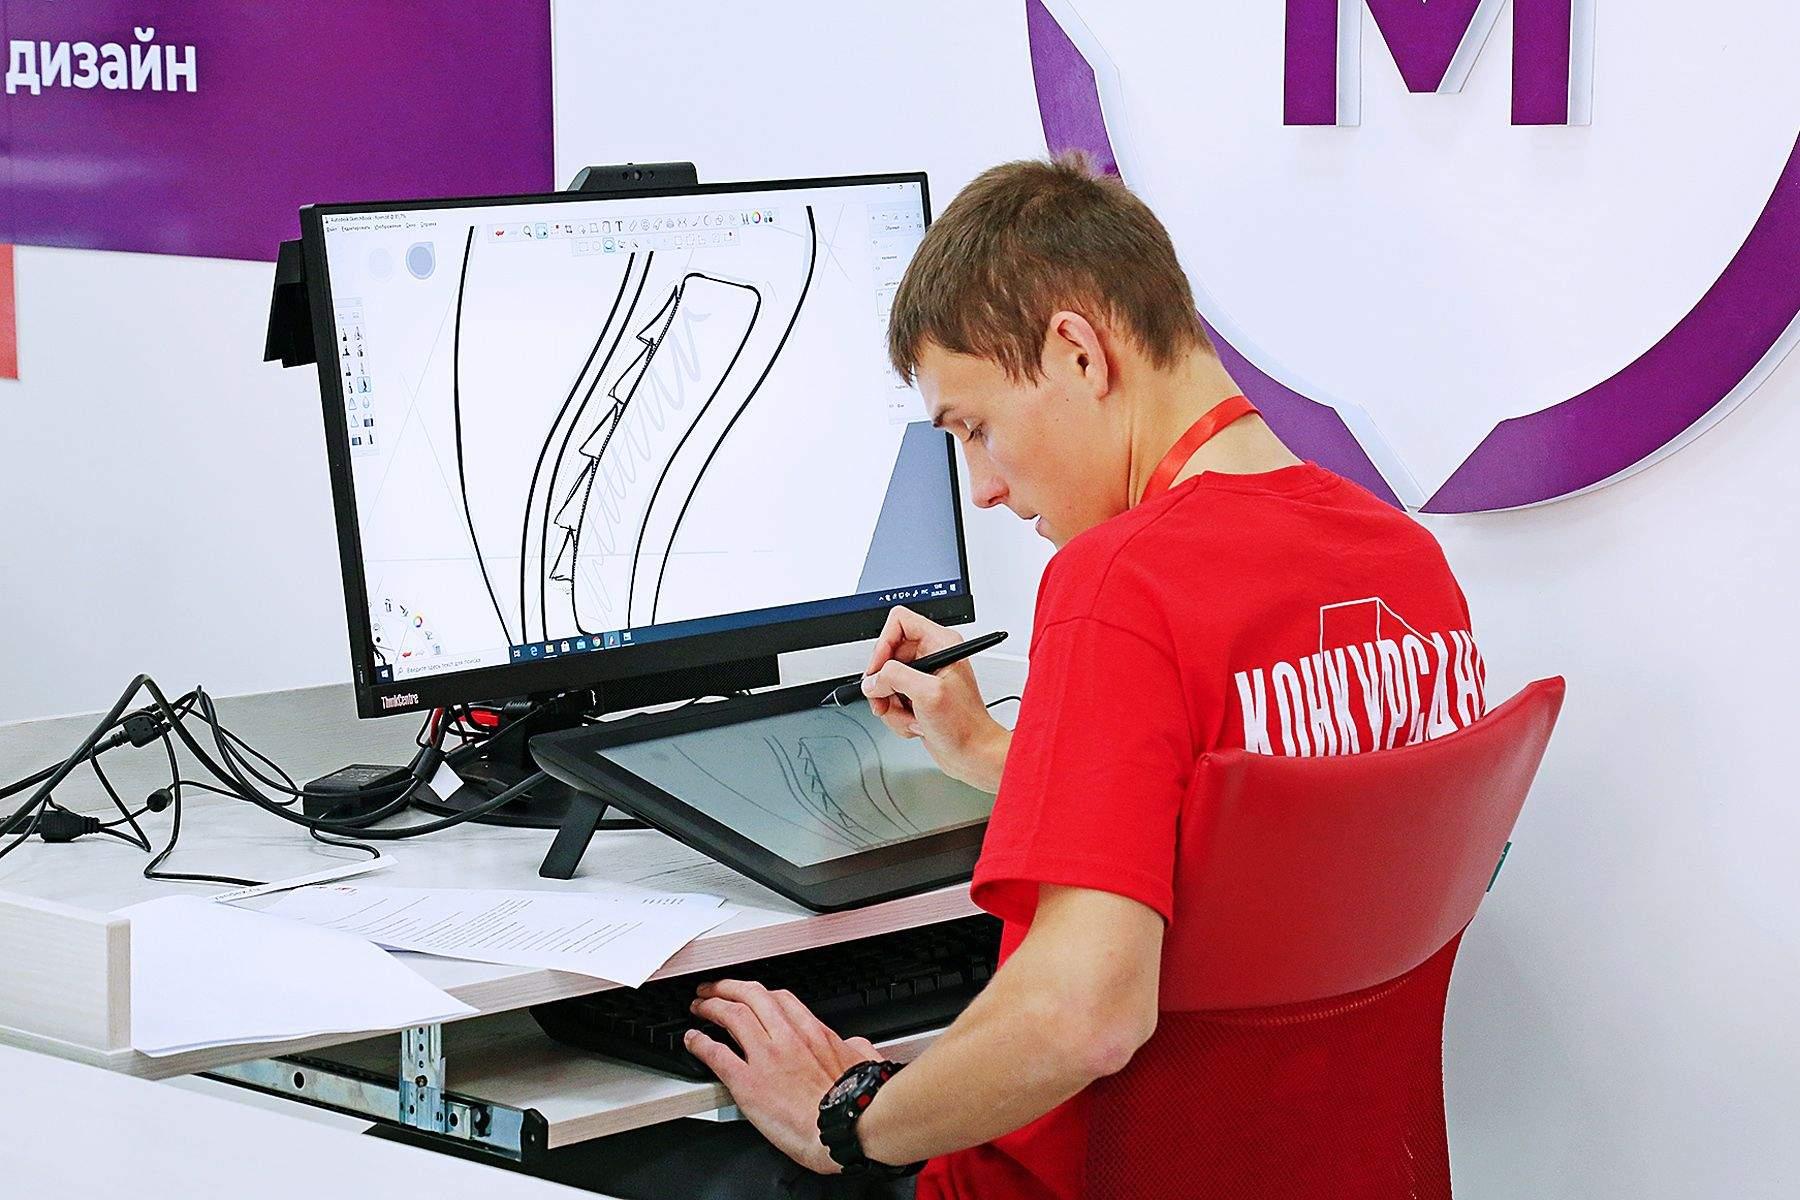 Разработки победителей в компетенции «Промышленный дизайн» IV вузовского отборочного чемпионата по стандартам WorldSkills могут быть запущены в производство